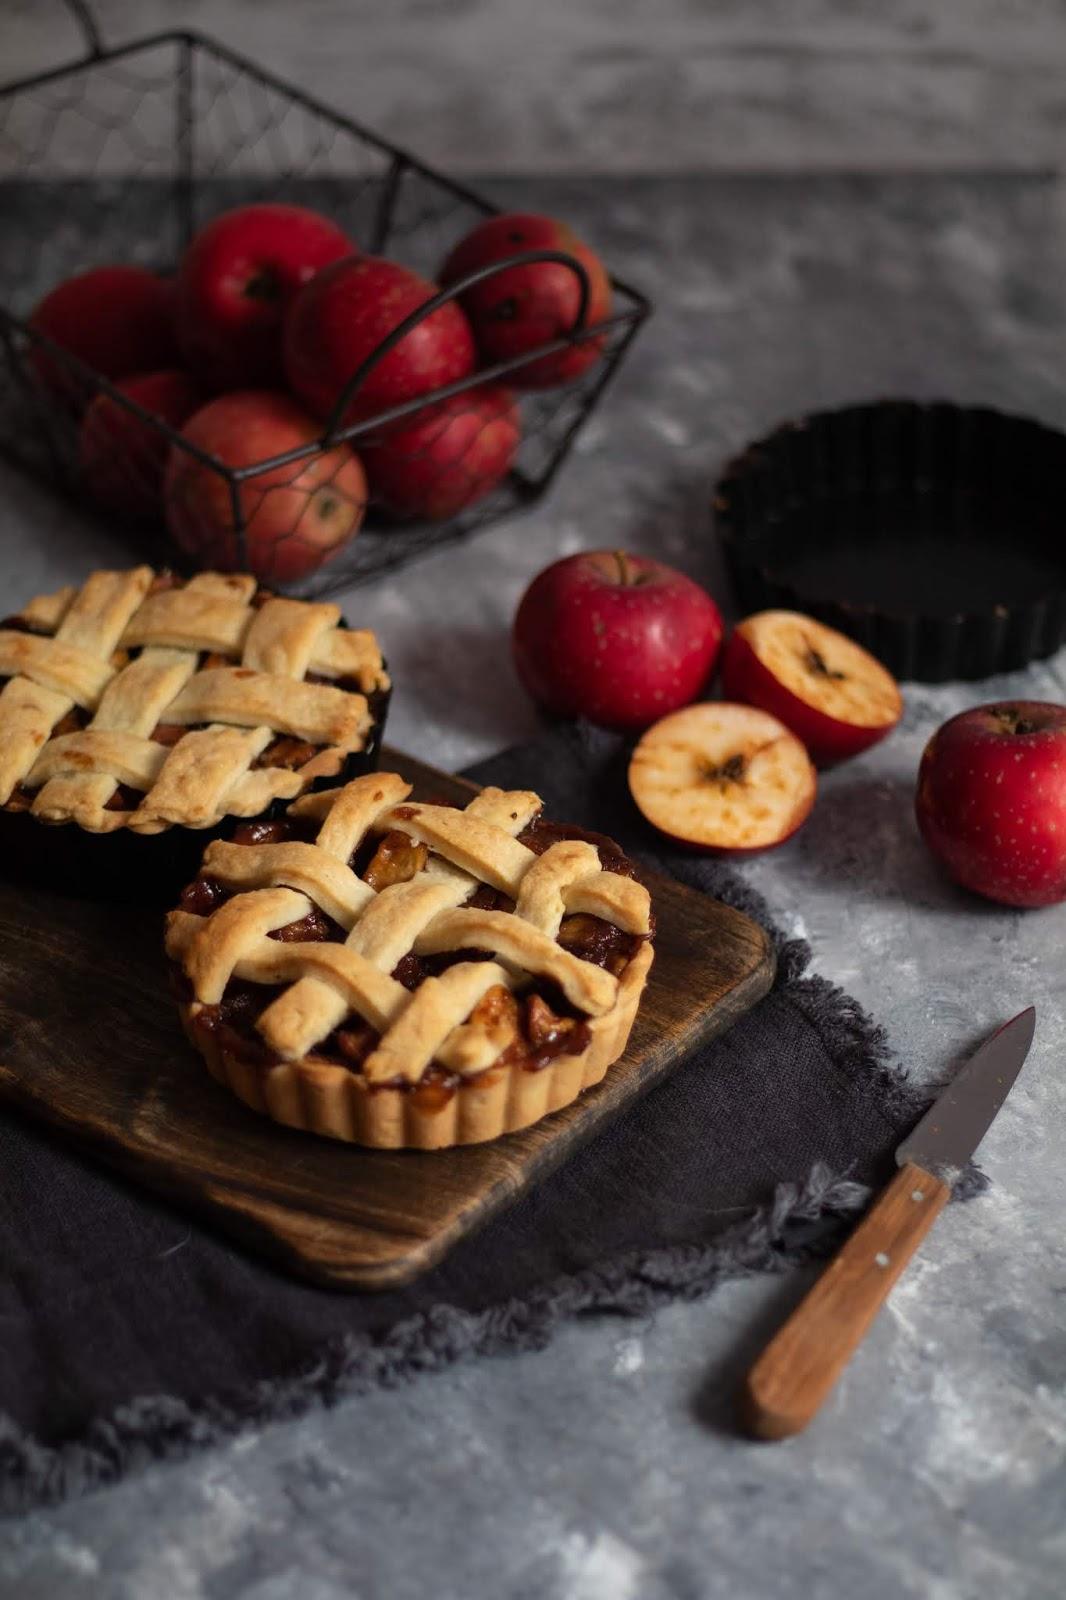 Délicieuse recette de tartelettes aux pommes façon apple pie